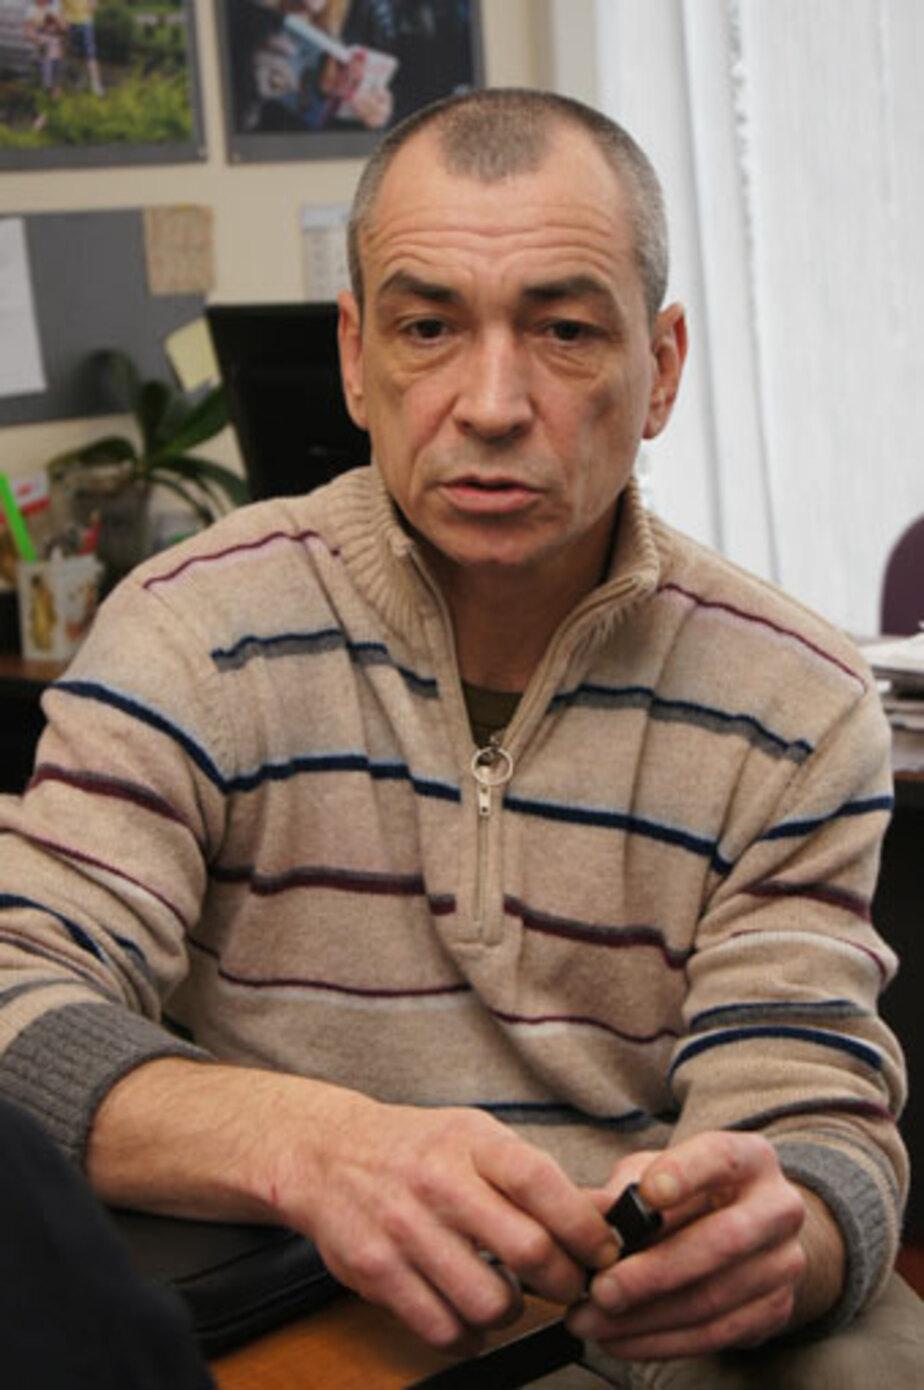 Калининградцев преследуют за часы с фото- и видеокамерами - Новости Калининграда